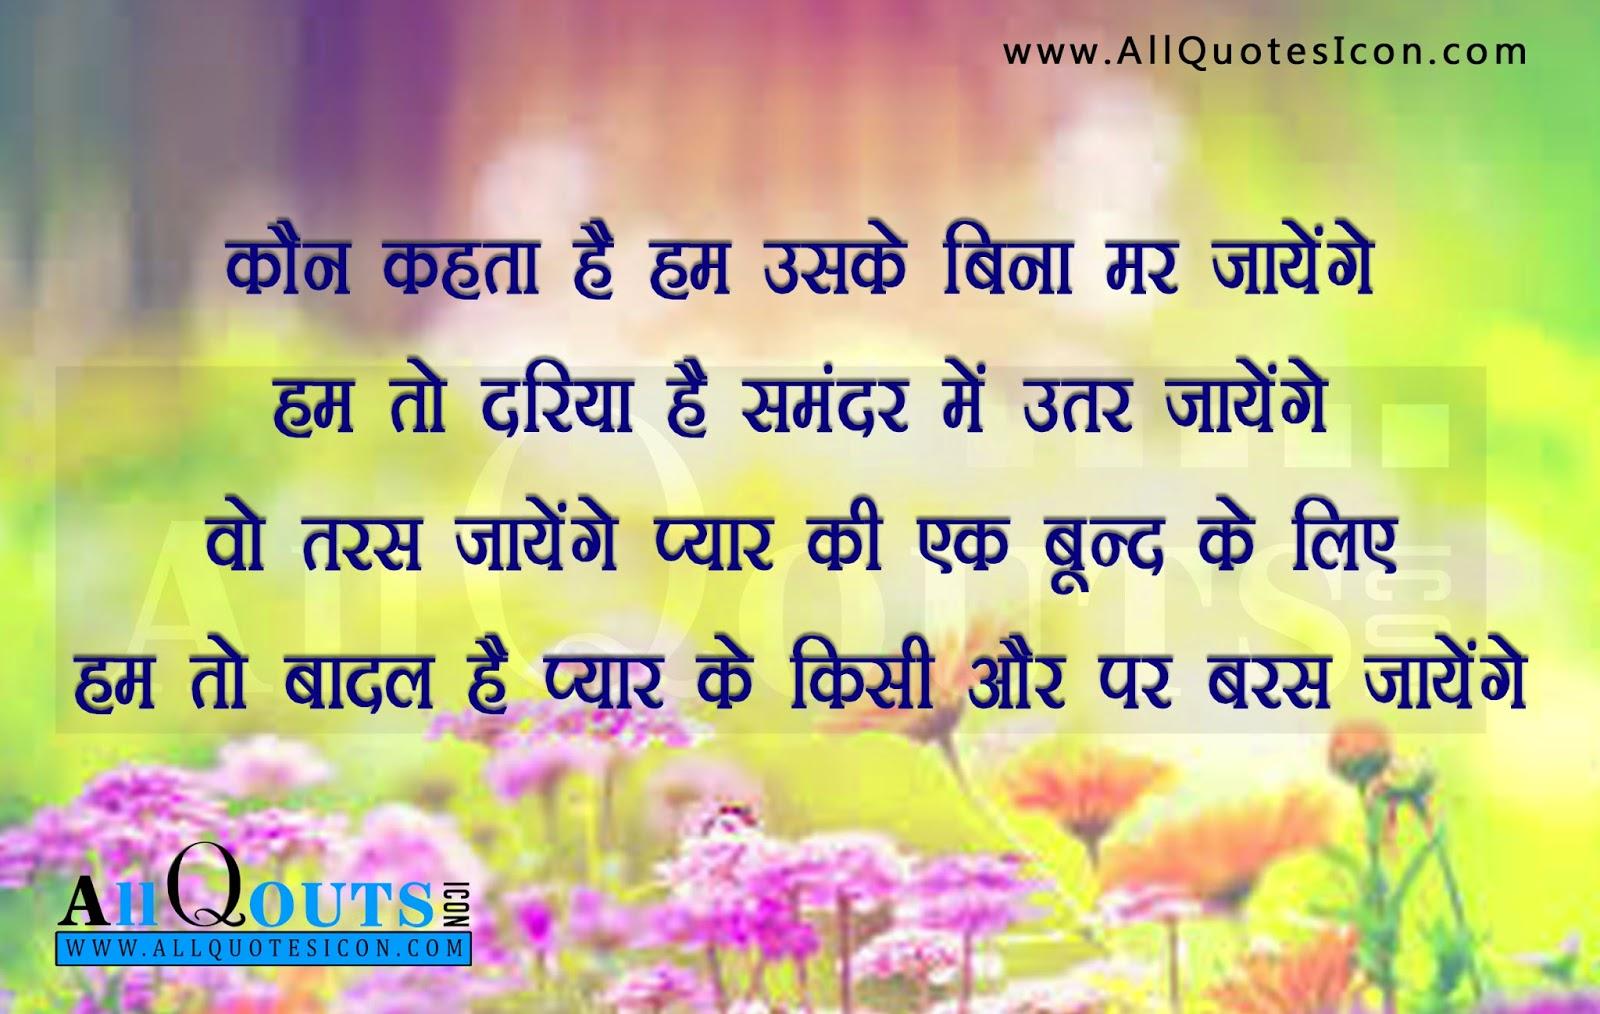 Hindi Quotes and Romantic Shayari HD Wallpapers Best ...